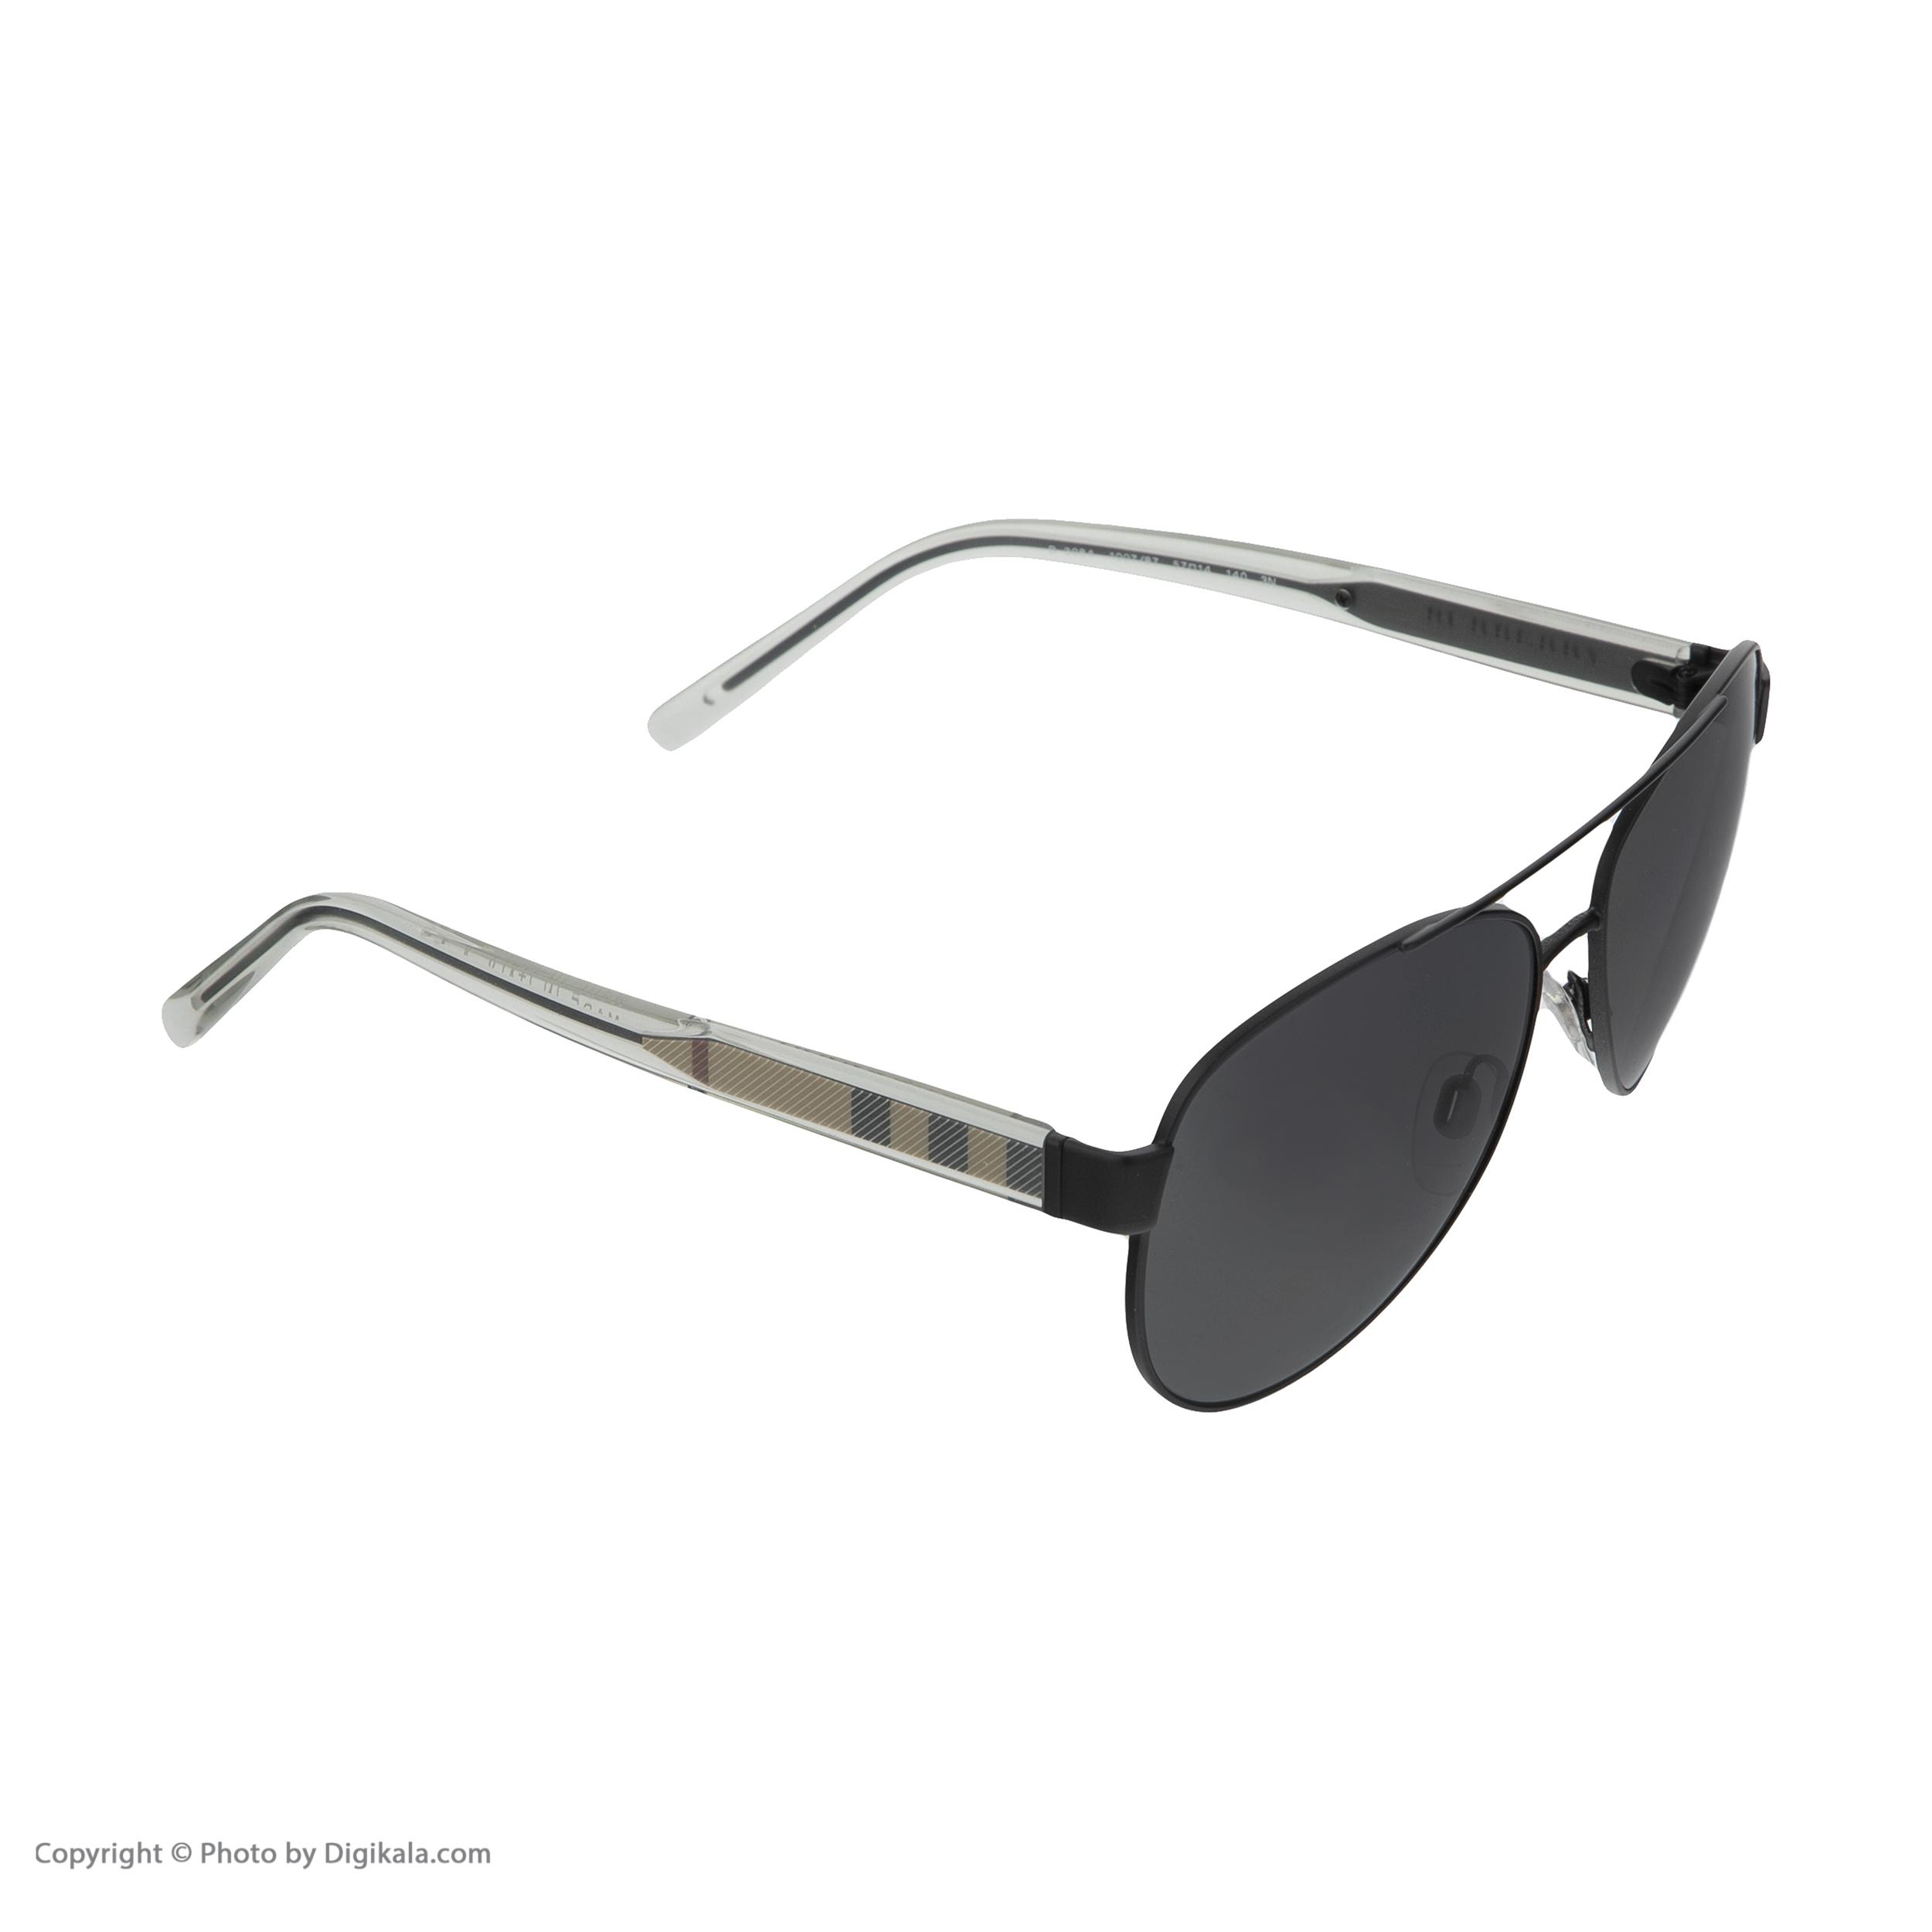 عینک آفتابی زنانه بربری مدل BE 3084S 100787 57 -  - 6